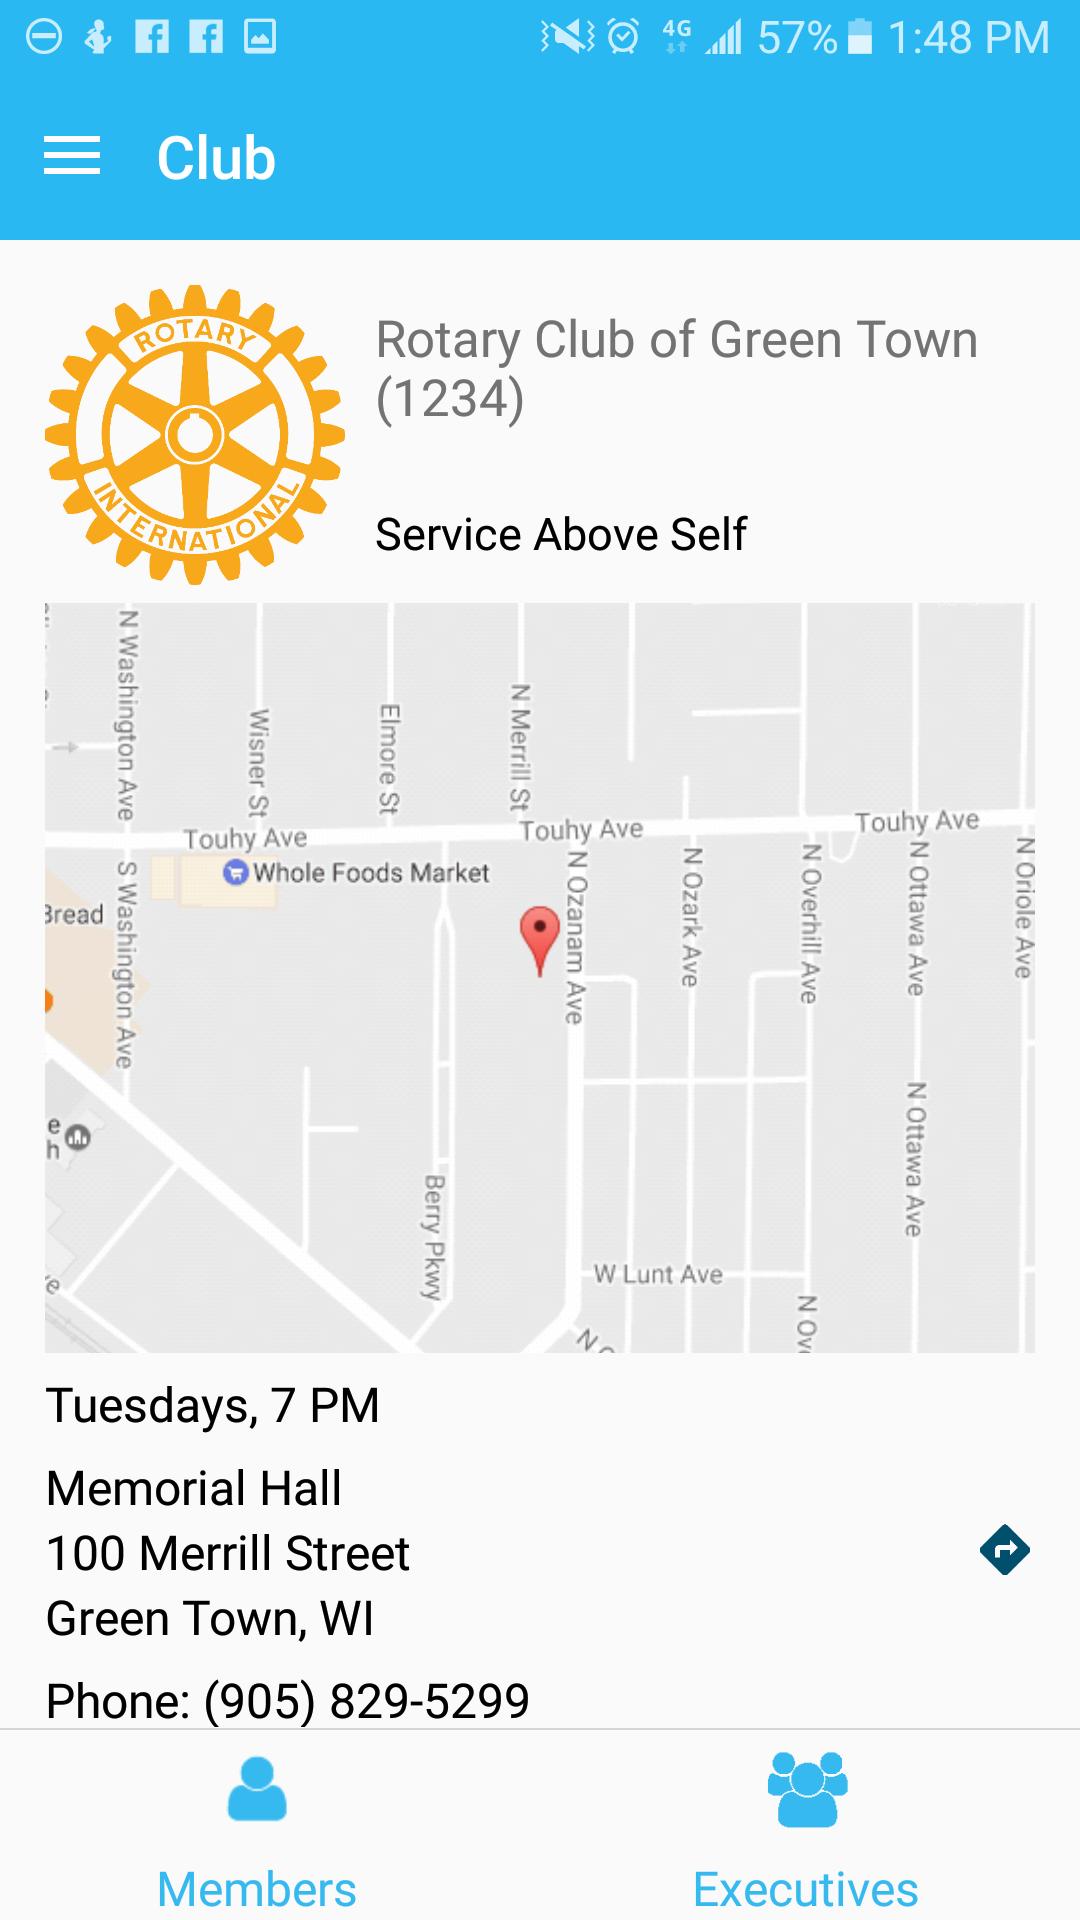 Club Info Page